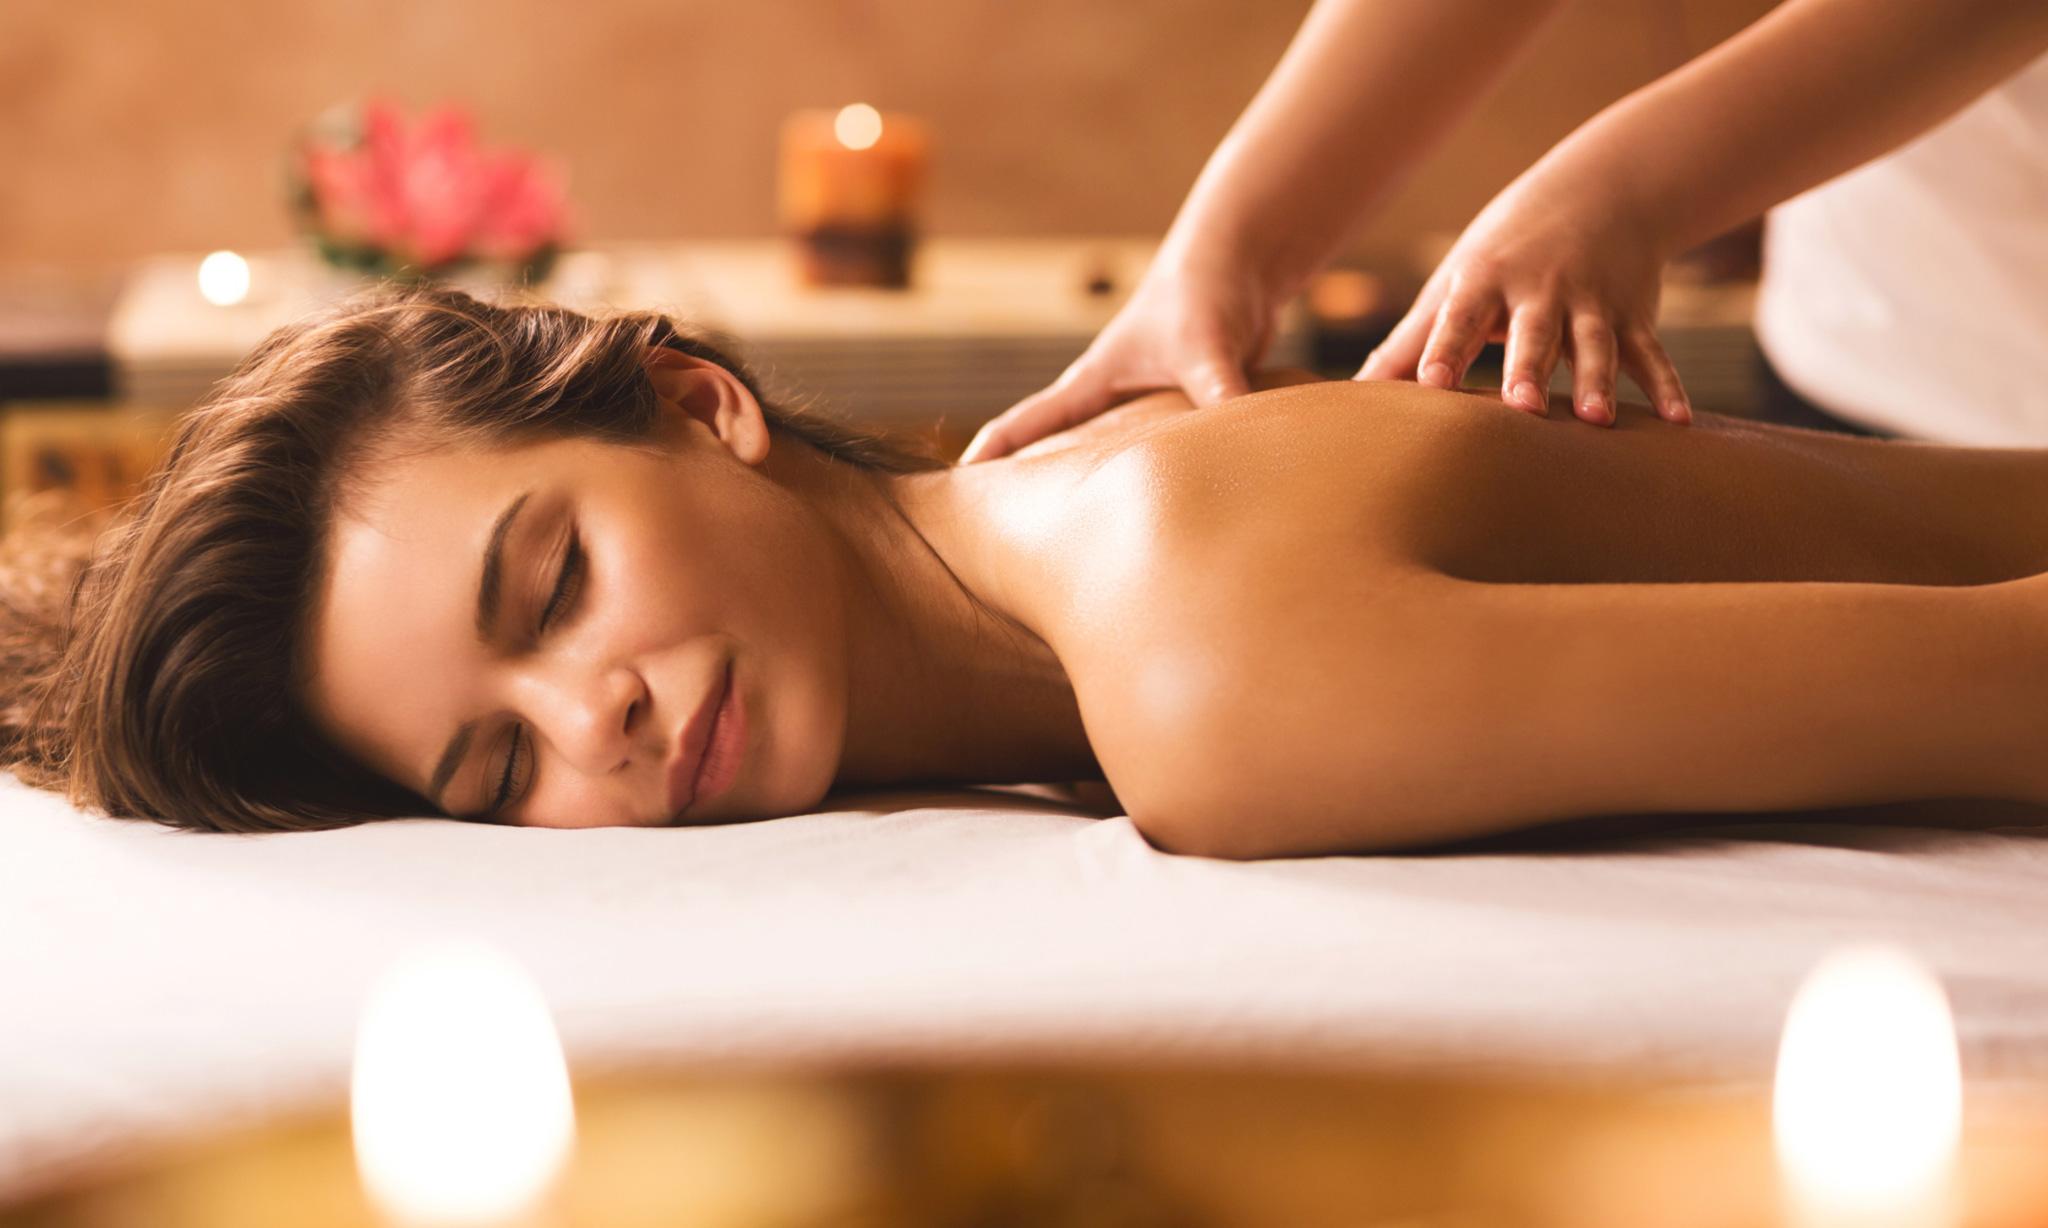 Full body massage in riyadh